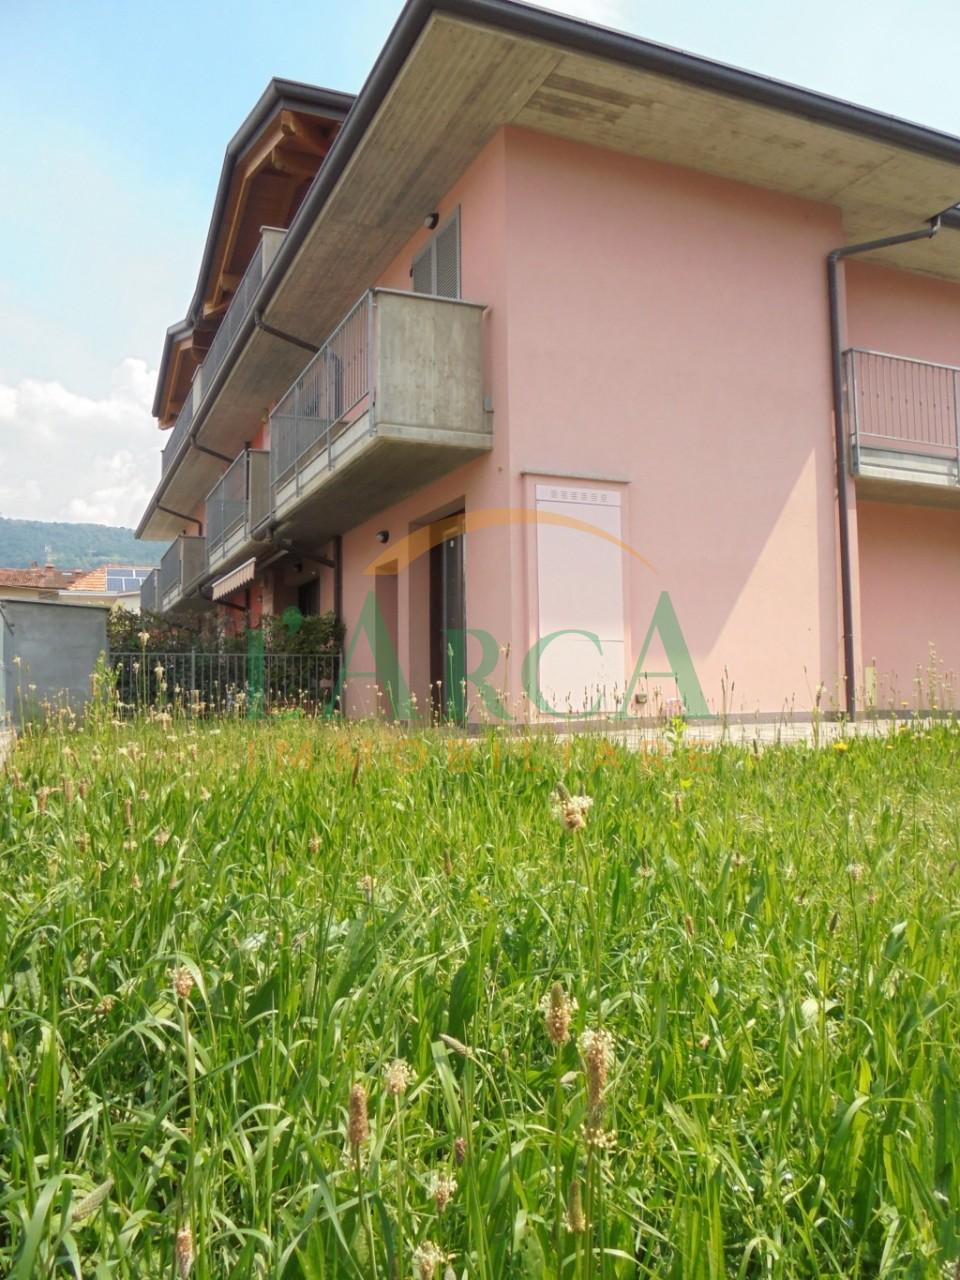 Villetta a schiera in vendita Rif. 7882566